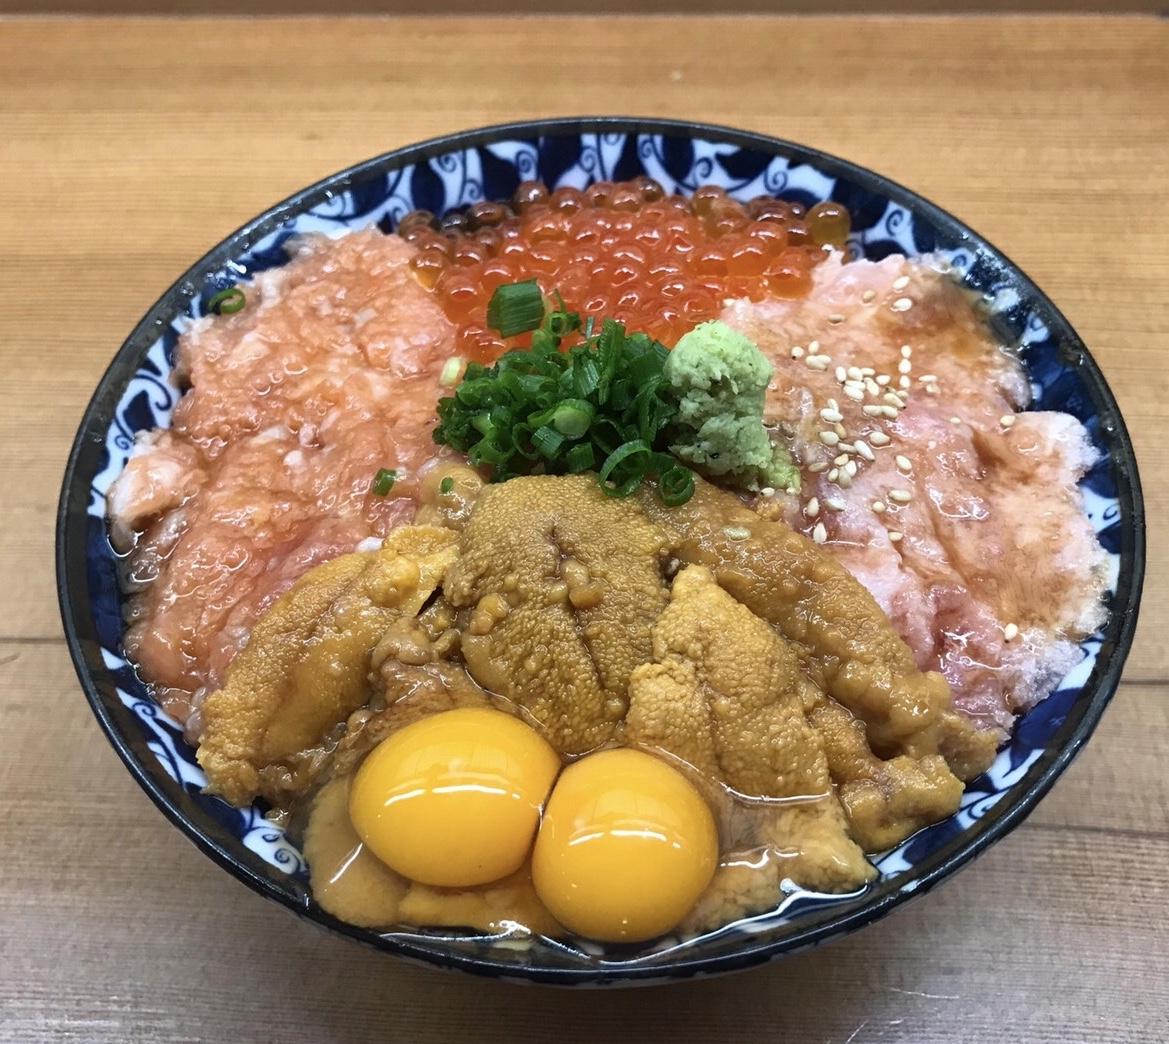 【「さきめし/ごちめし」が人気店を紹介】ガッツリ丼!東京「深川つり舟」